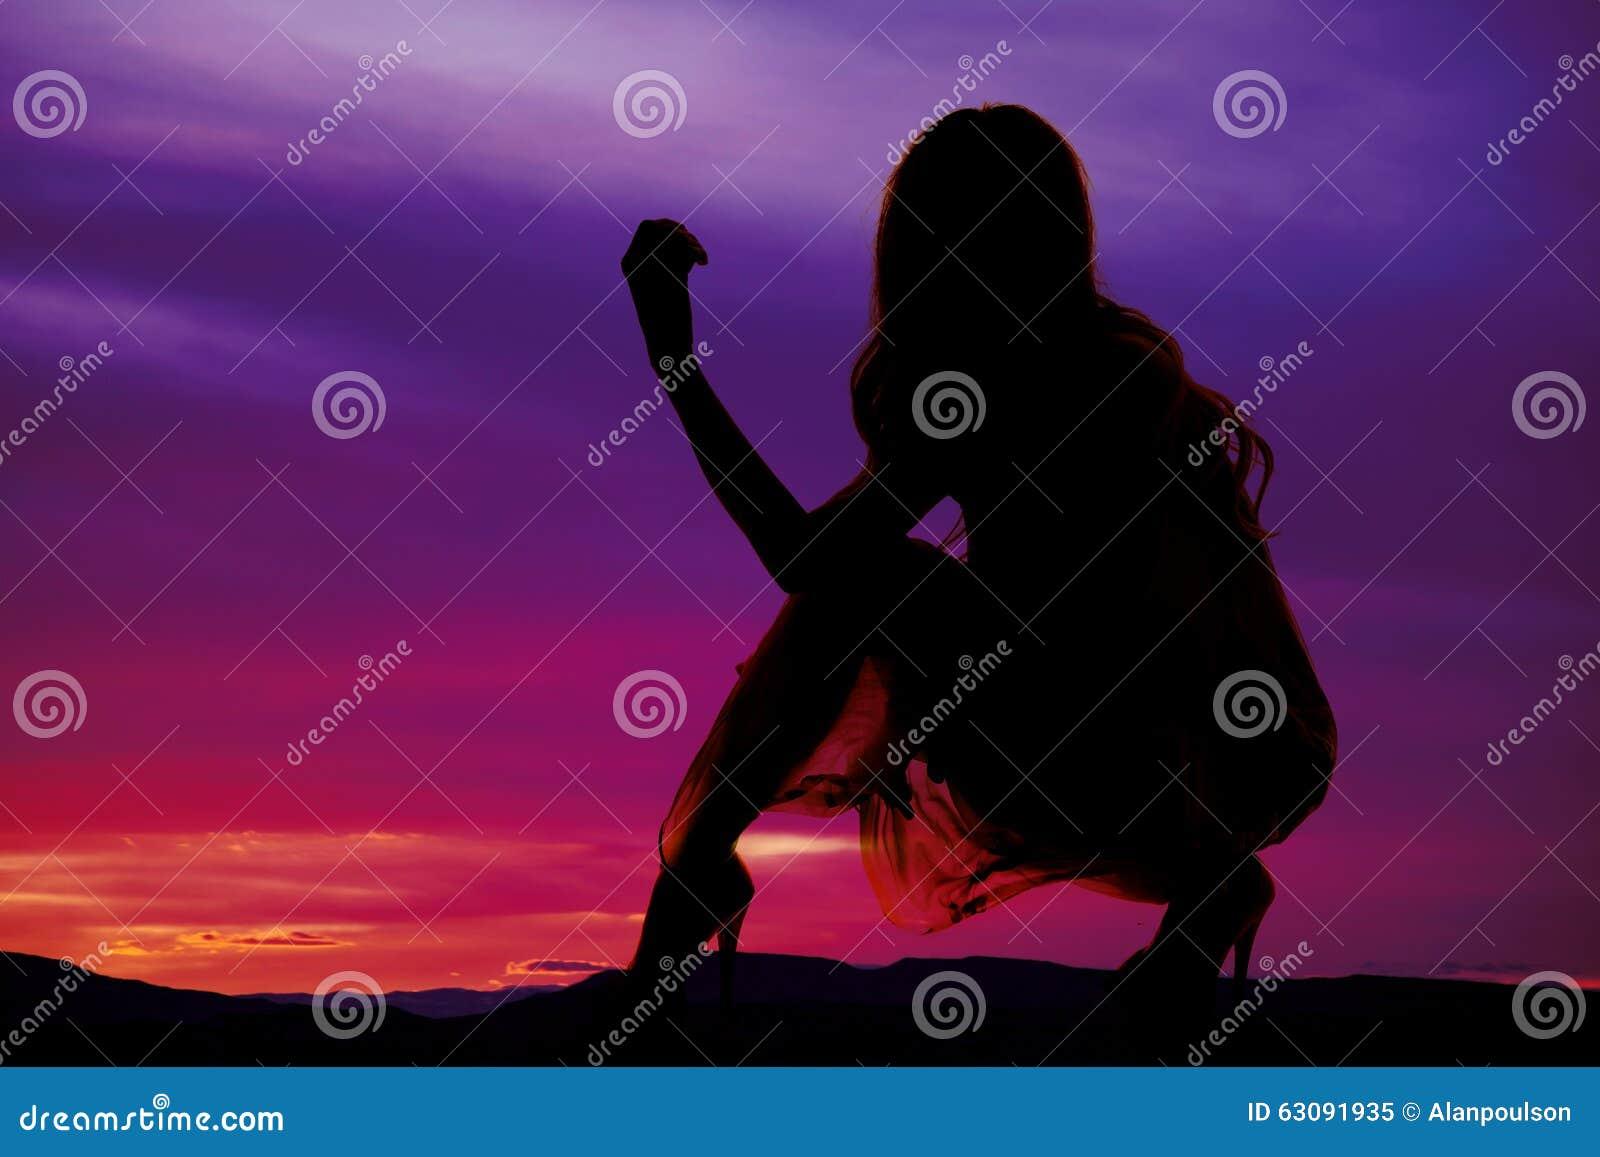 Download Silhouette D'une Femme Dans Une Robe En Bas D'un Genou Image stock - Image du fond, noir: 63091935